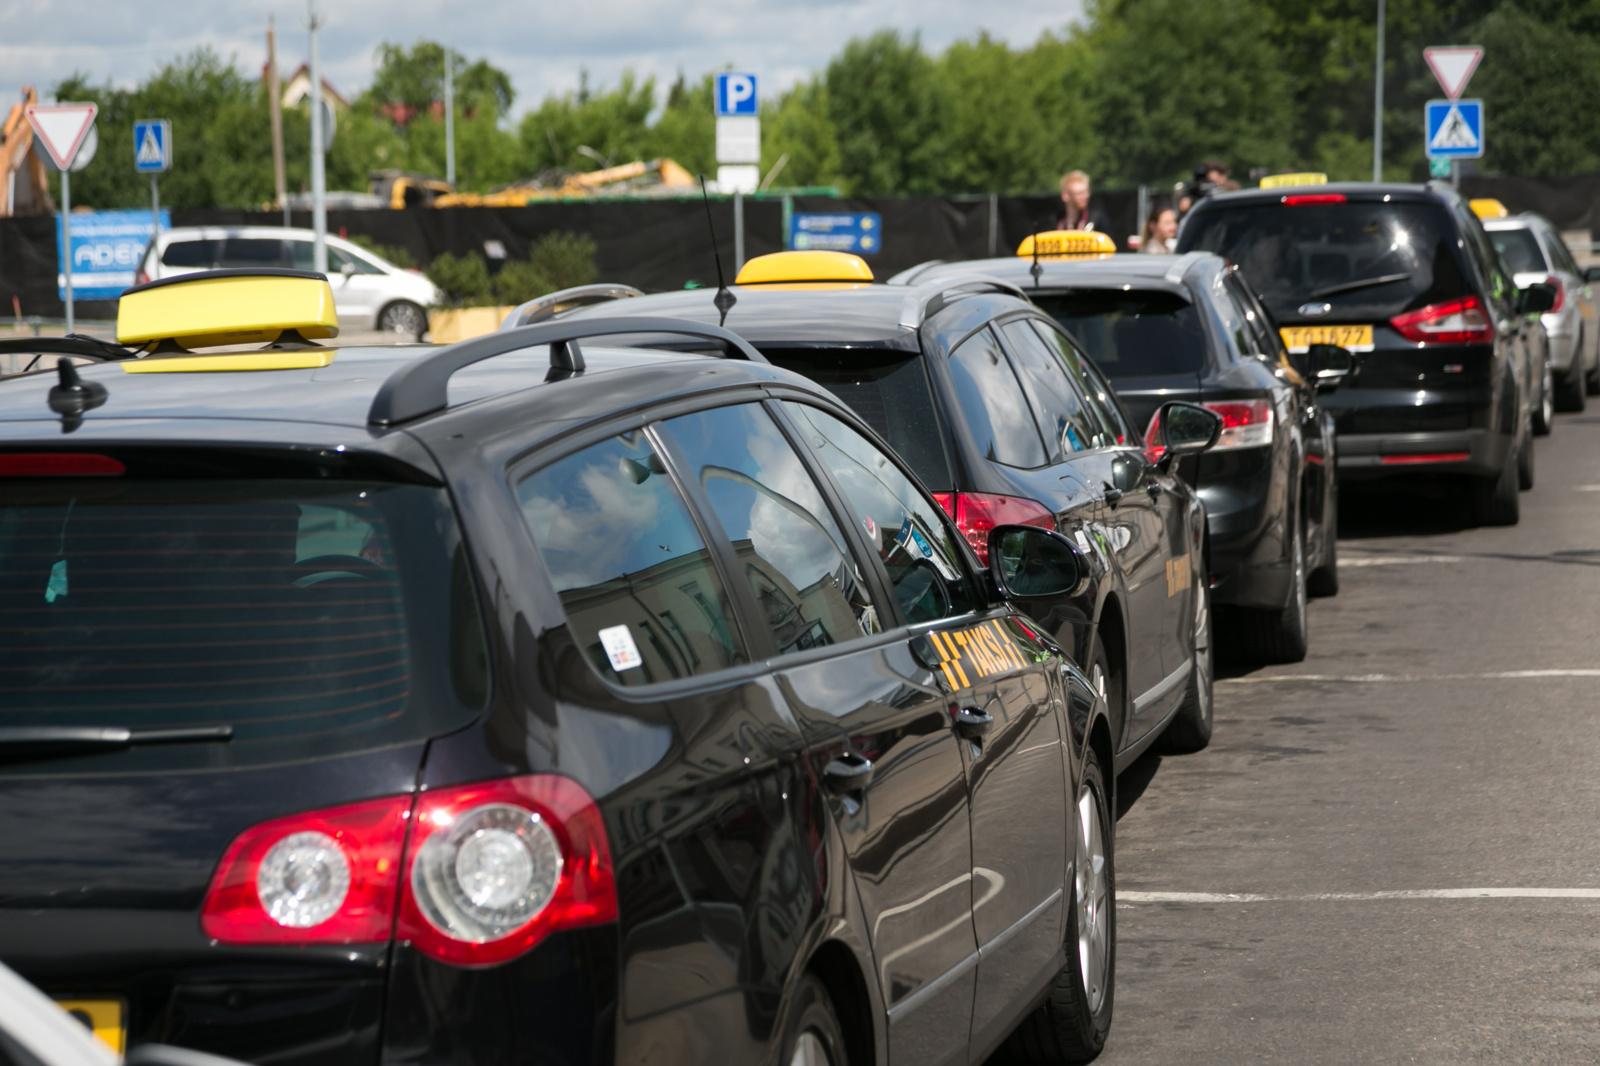 Praėjusią parą Lietuvos keliuose nukentėjo 10 žmonių, vienas mirtinai